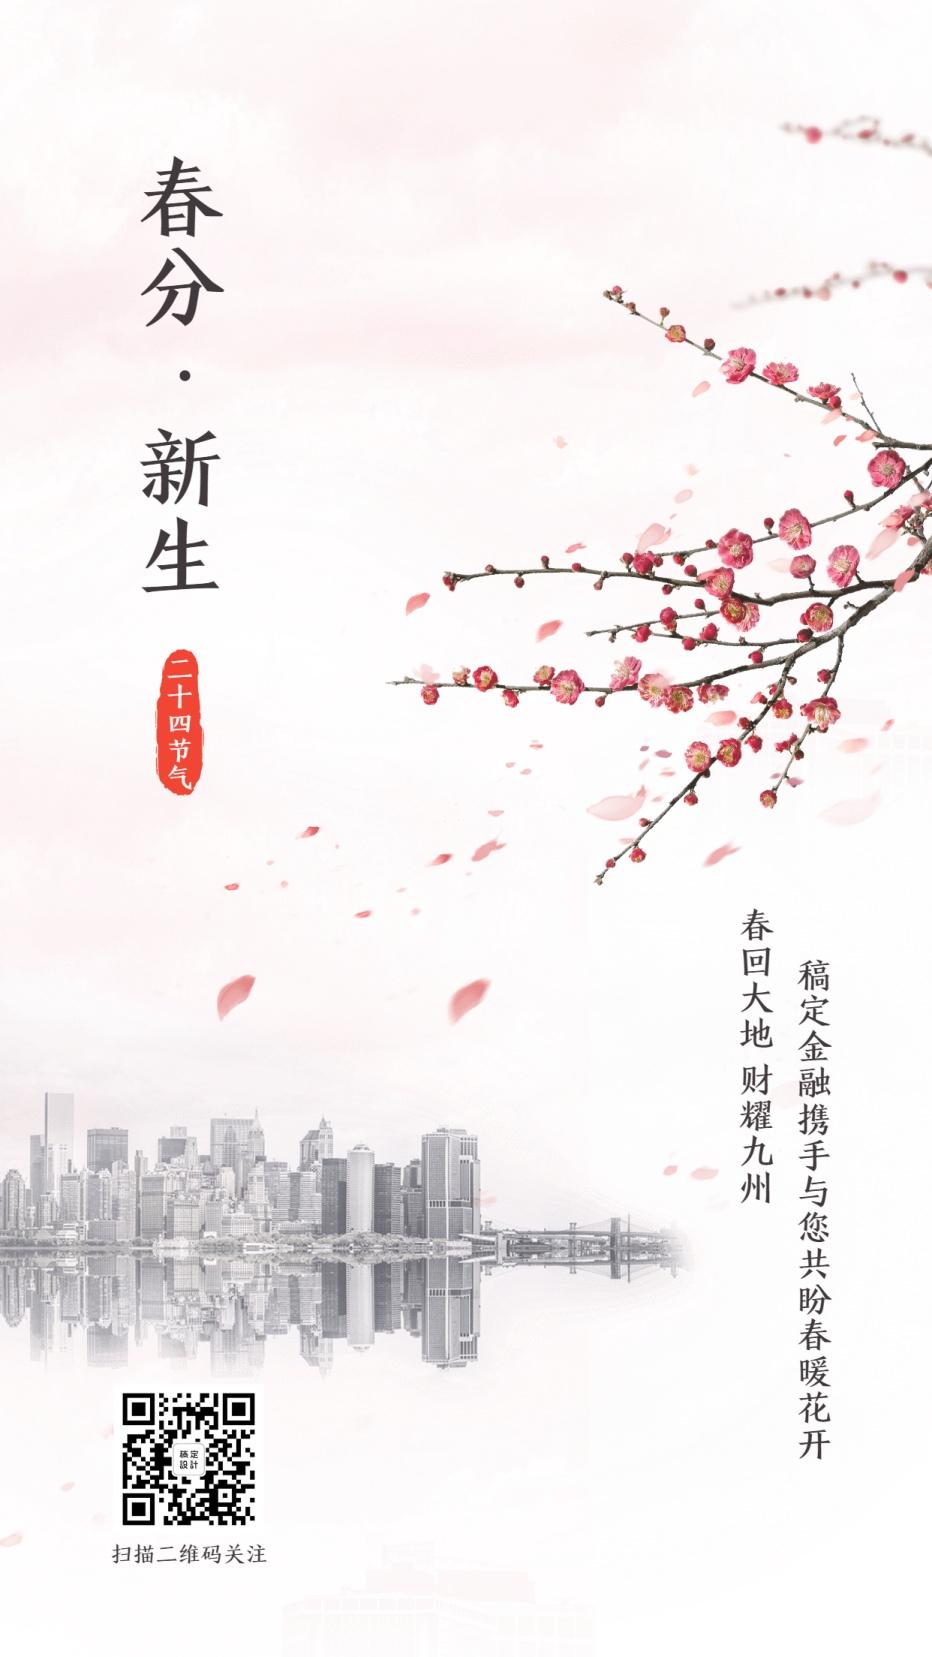 春分新生财耀九州节气海报